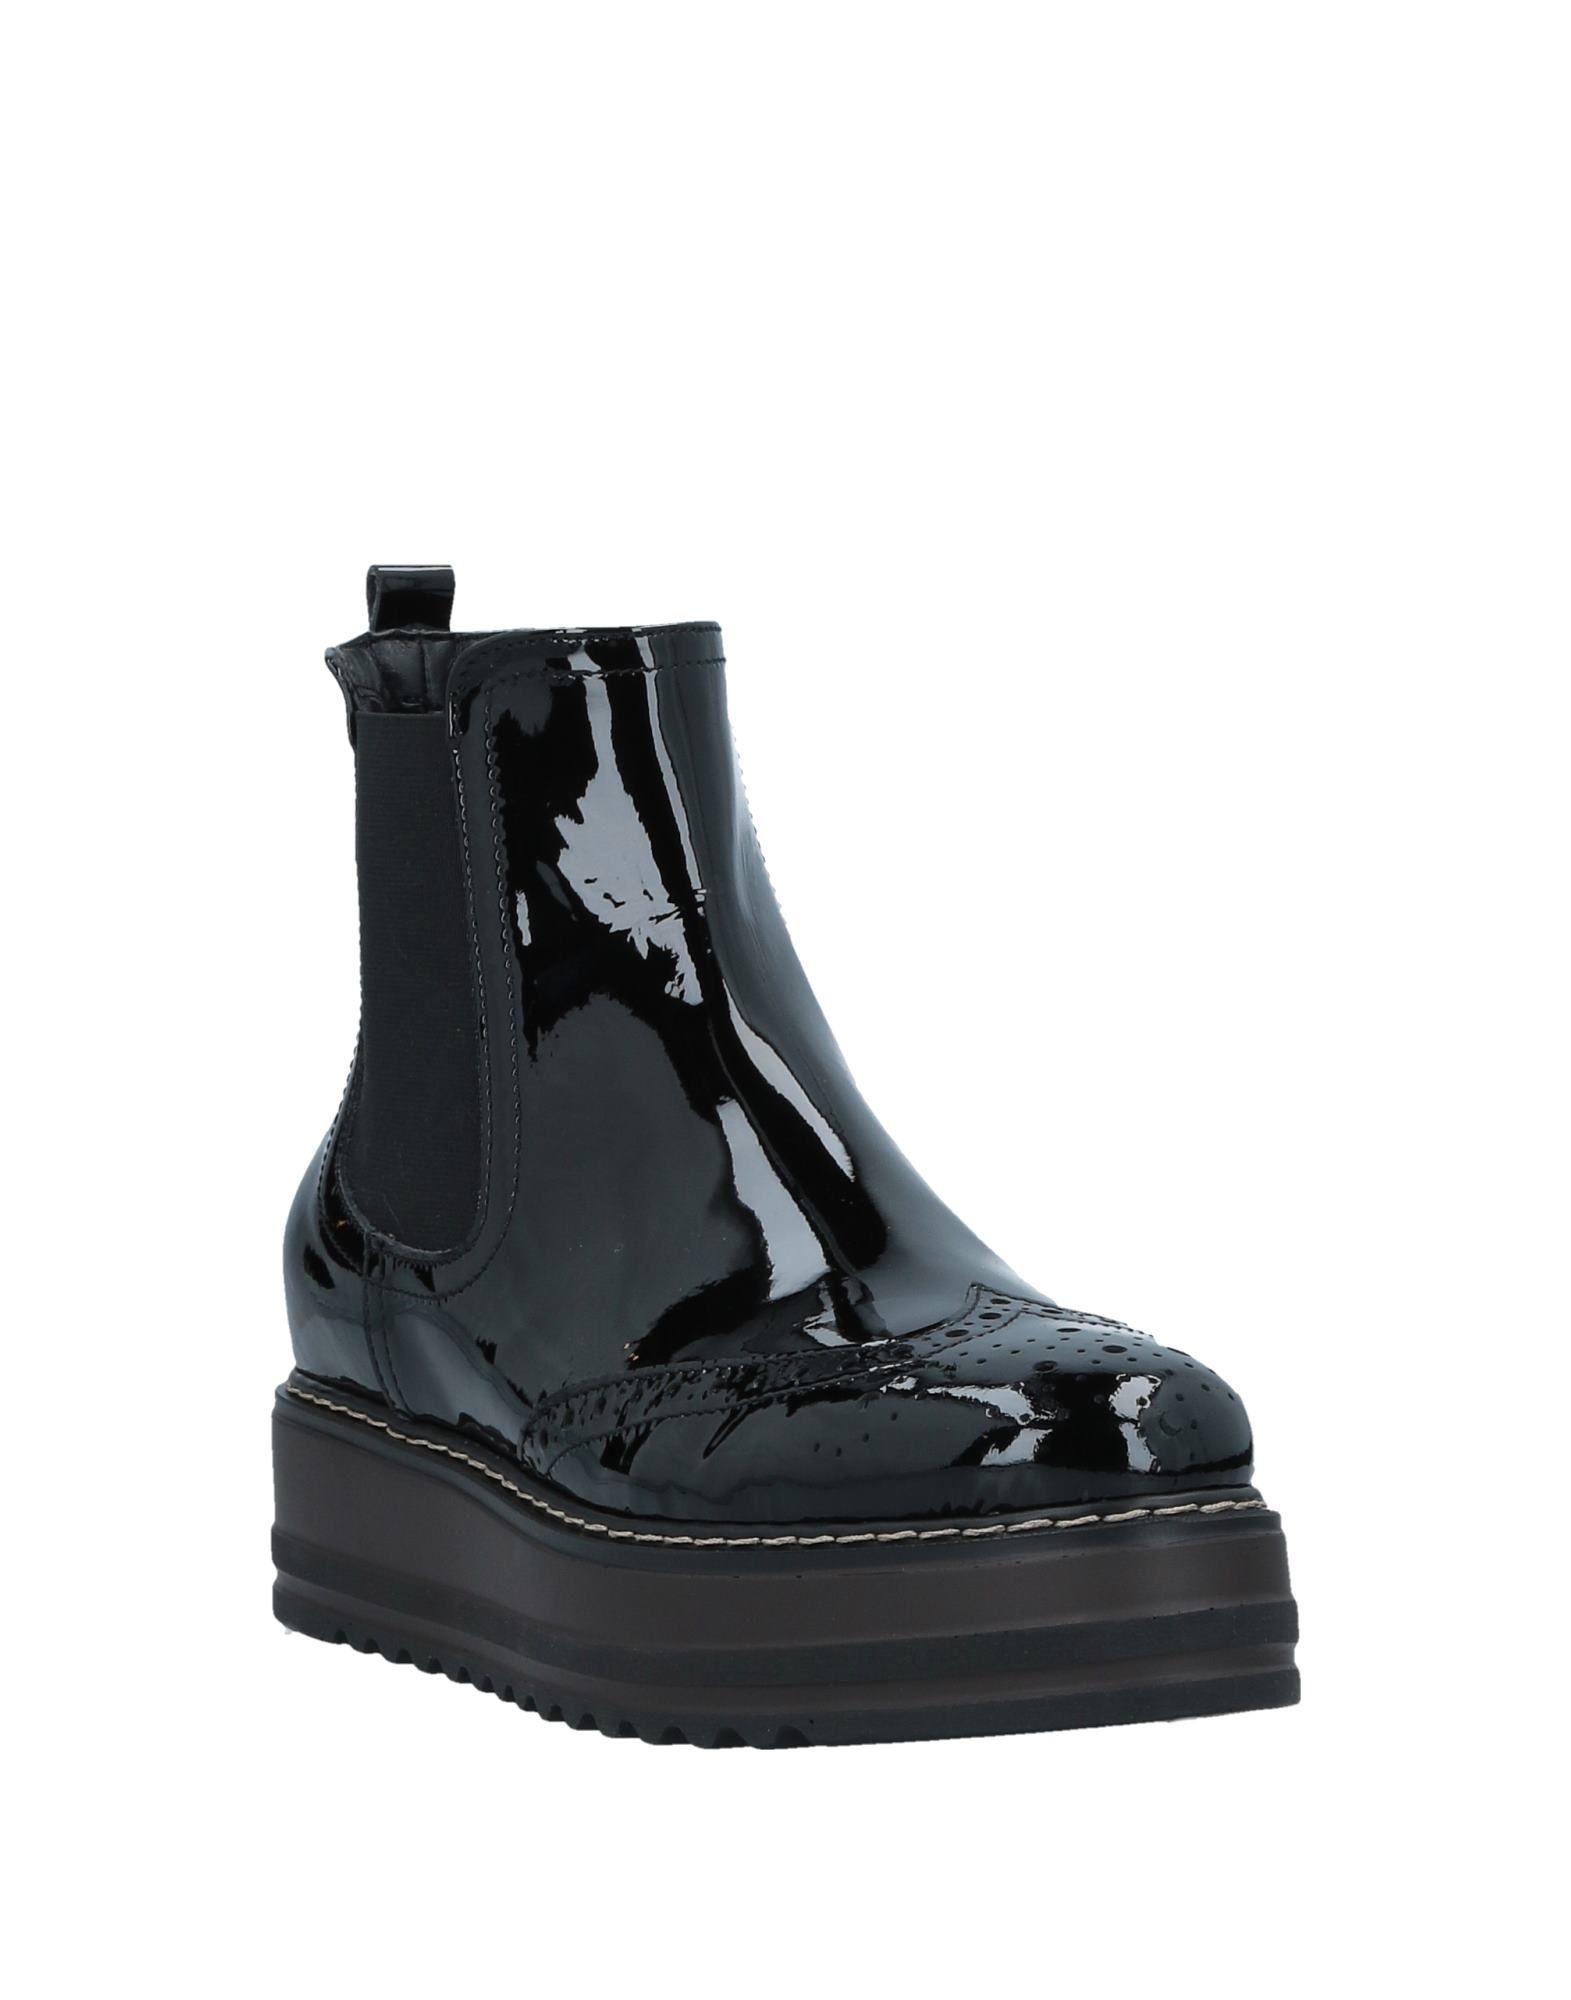 Eliana Bucci Chelsea Boots Damen sich,Sonderangebot-3106 Gutes Preis-Leistungs-Verhältnis, es lohnt sich,Sonderangebot-3106 Damen 451dc5